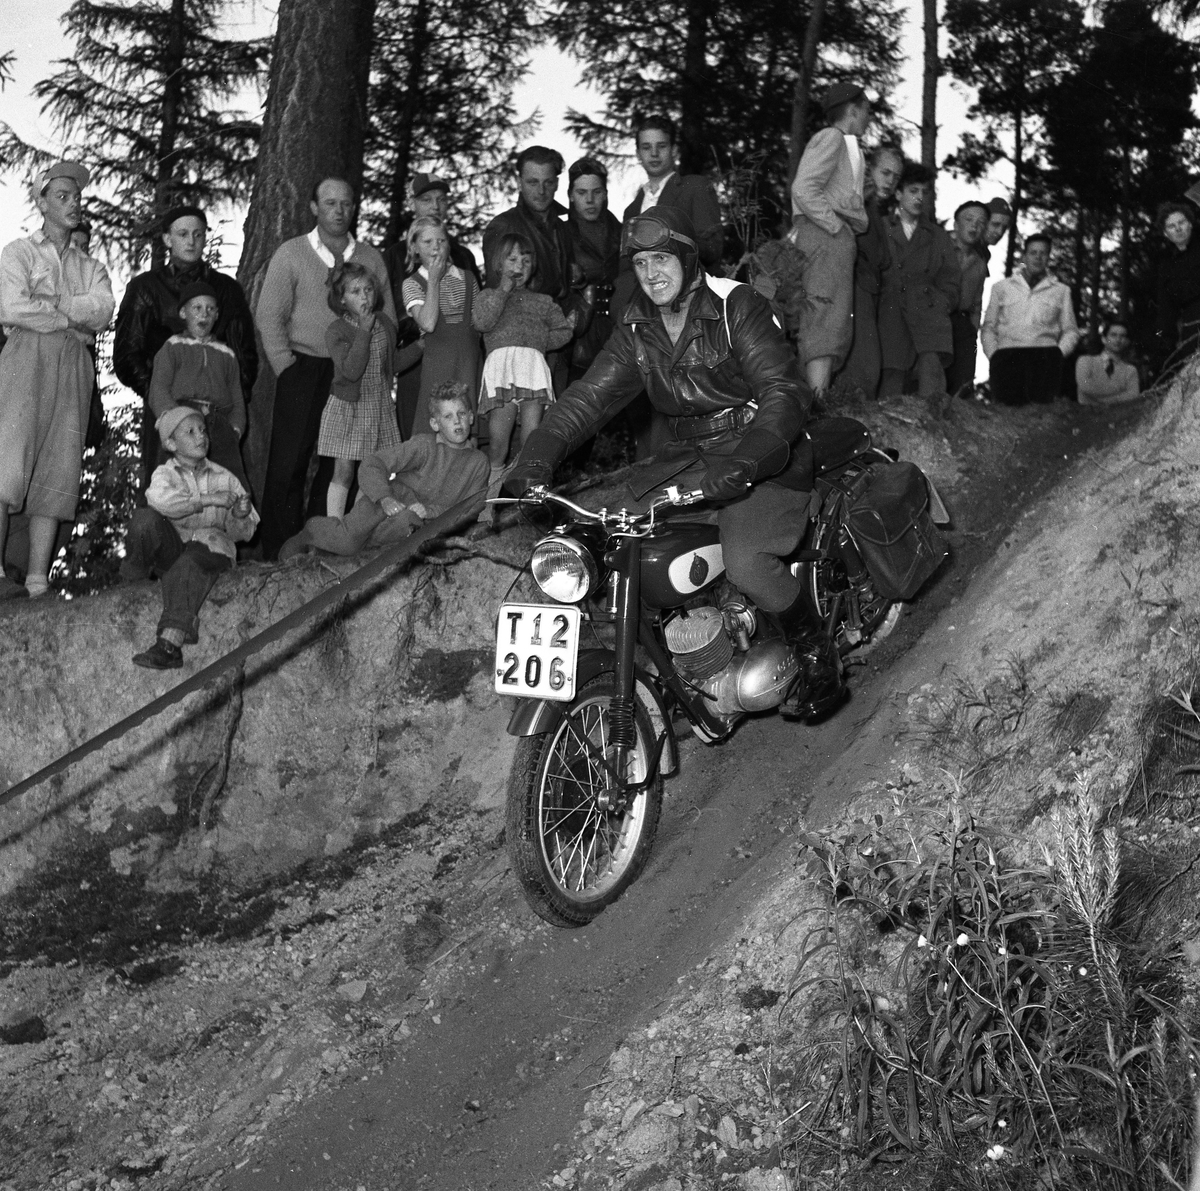 Arbogas Stjärnknutte Tävling i terrängkörning med motorcykel. Man iklädd skinnluva och med vindglasögonen i pannan styr sin motorcykel i nerförsbacken. Motorcykeln har packväskor. Publiken står alldeles intill.